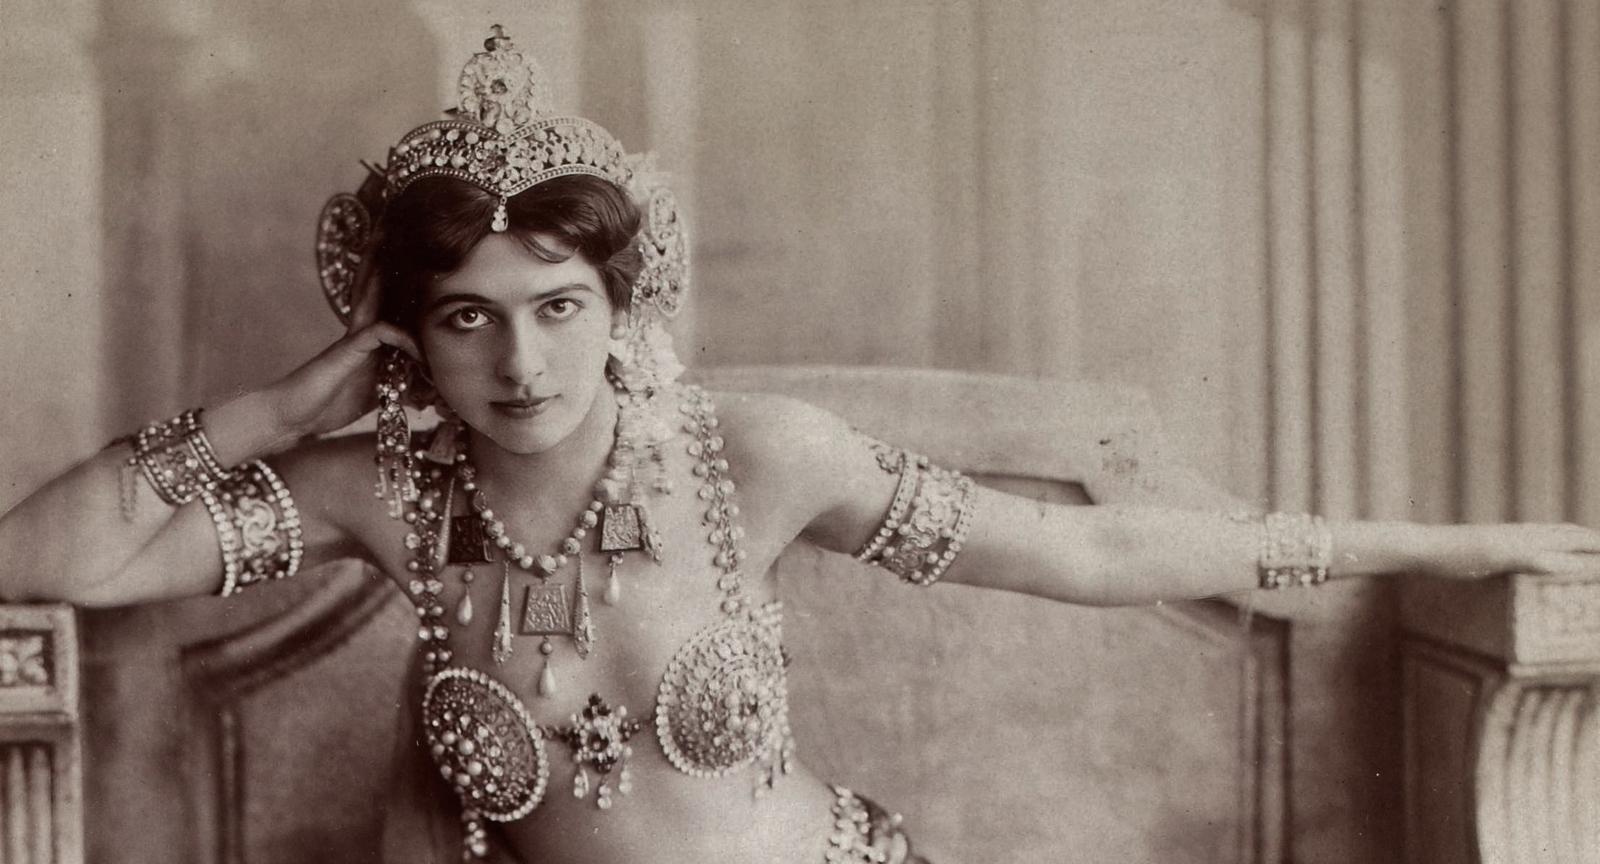 1910. Mata Hari polgári nevén Grietje Zelle hollandiai születésű bártáncosnő. A francia hadbíróság 1917-ben a Német Birodalom számára végzett kémkedés miatt halálra ítélte..jpg